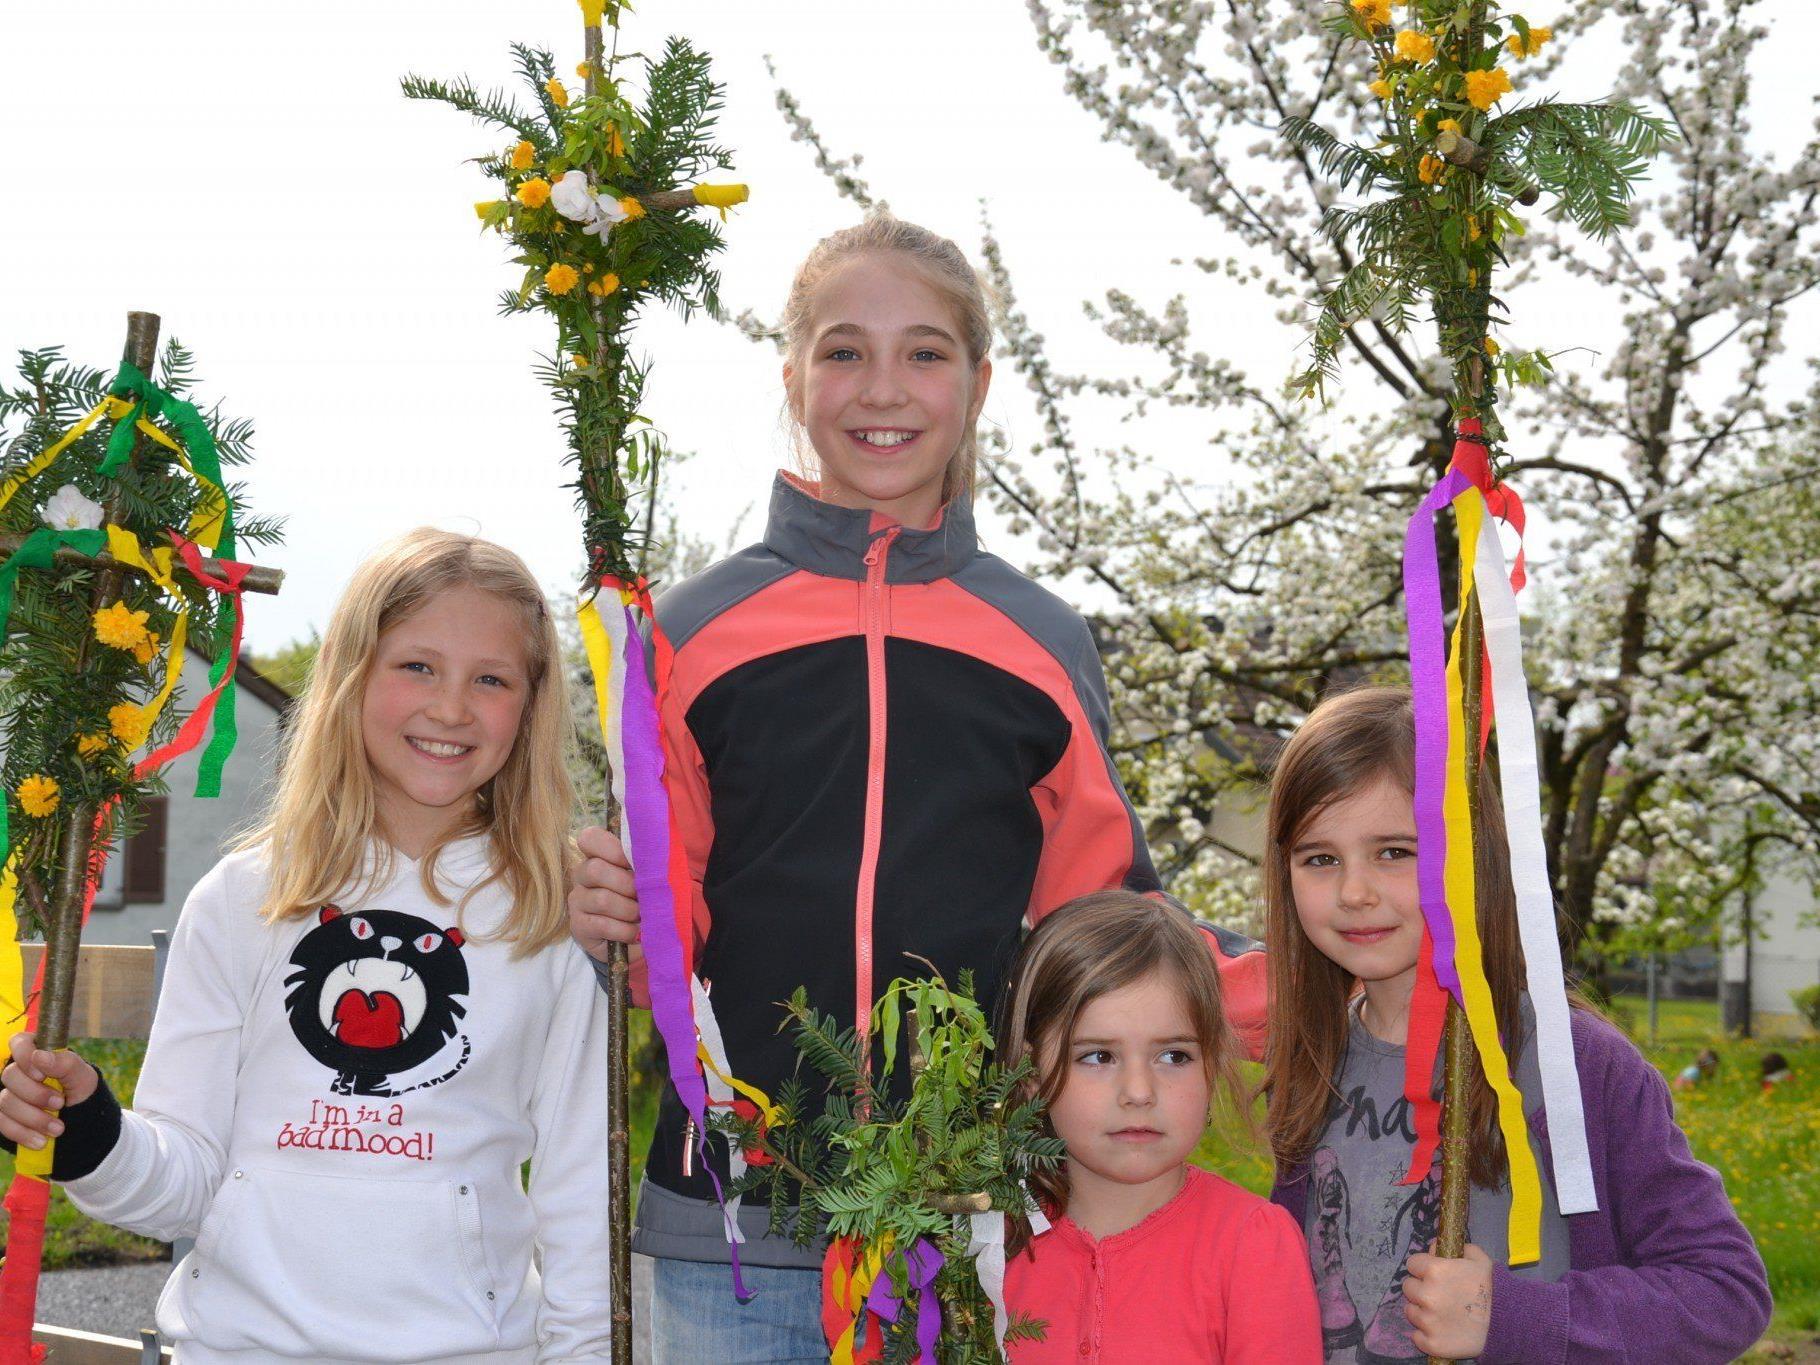 Die Kinder waren mit großer Begeisterung bei der Sache und präsentierten anschließend stolz ihre Palmbuschen.